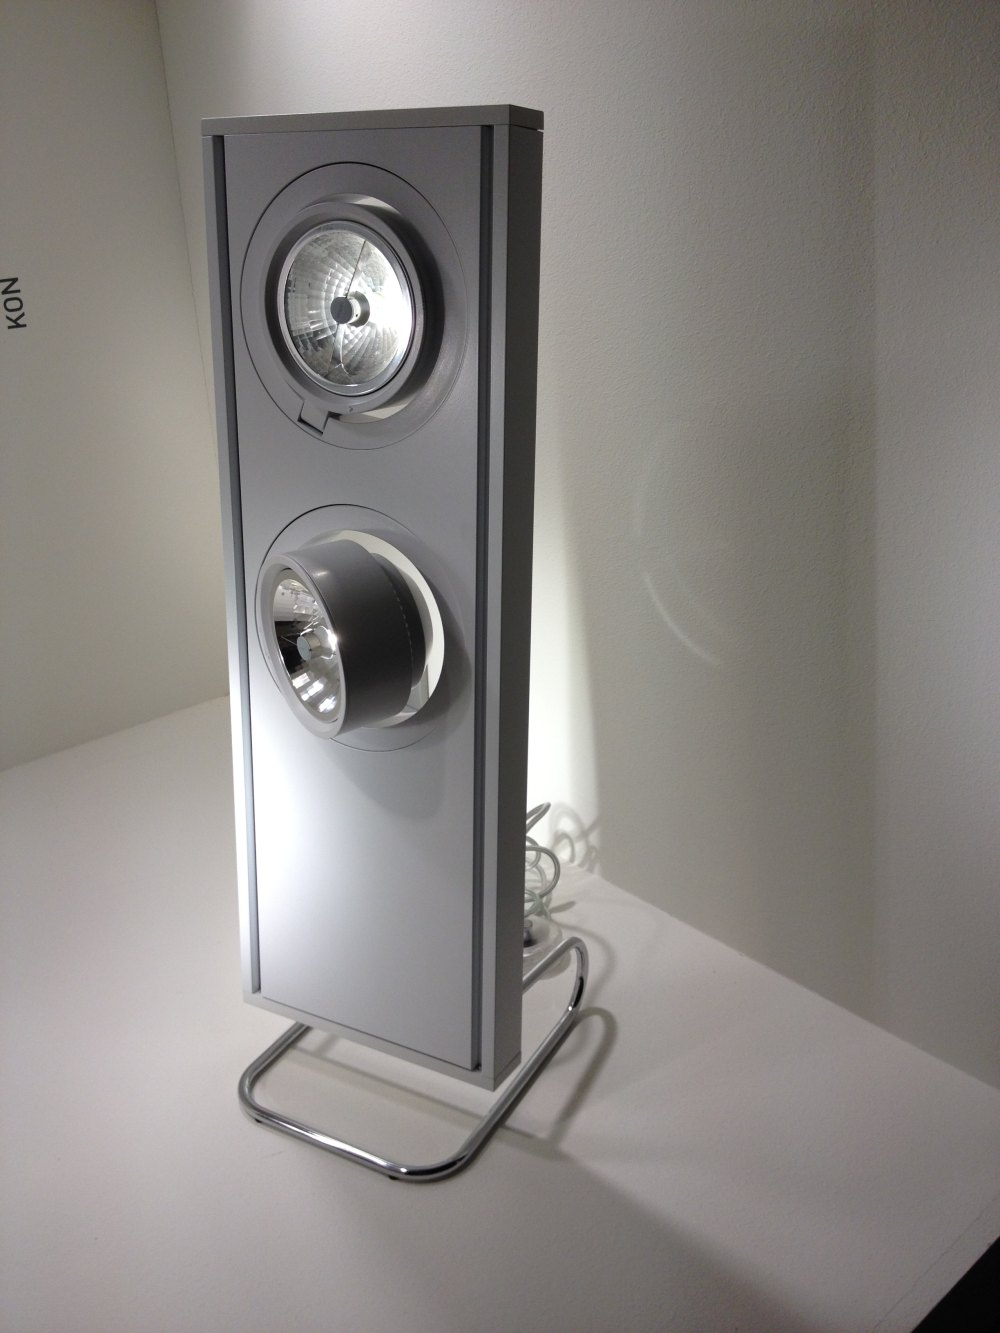 2012法兰克福照明展精华图片(申请精华)_侧打光LED移动灯具.JPG